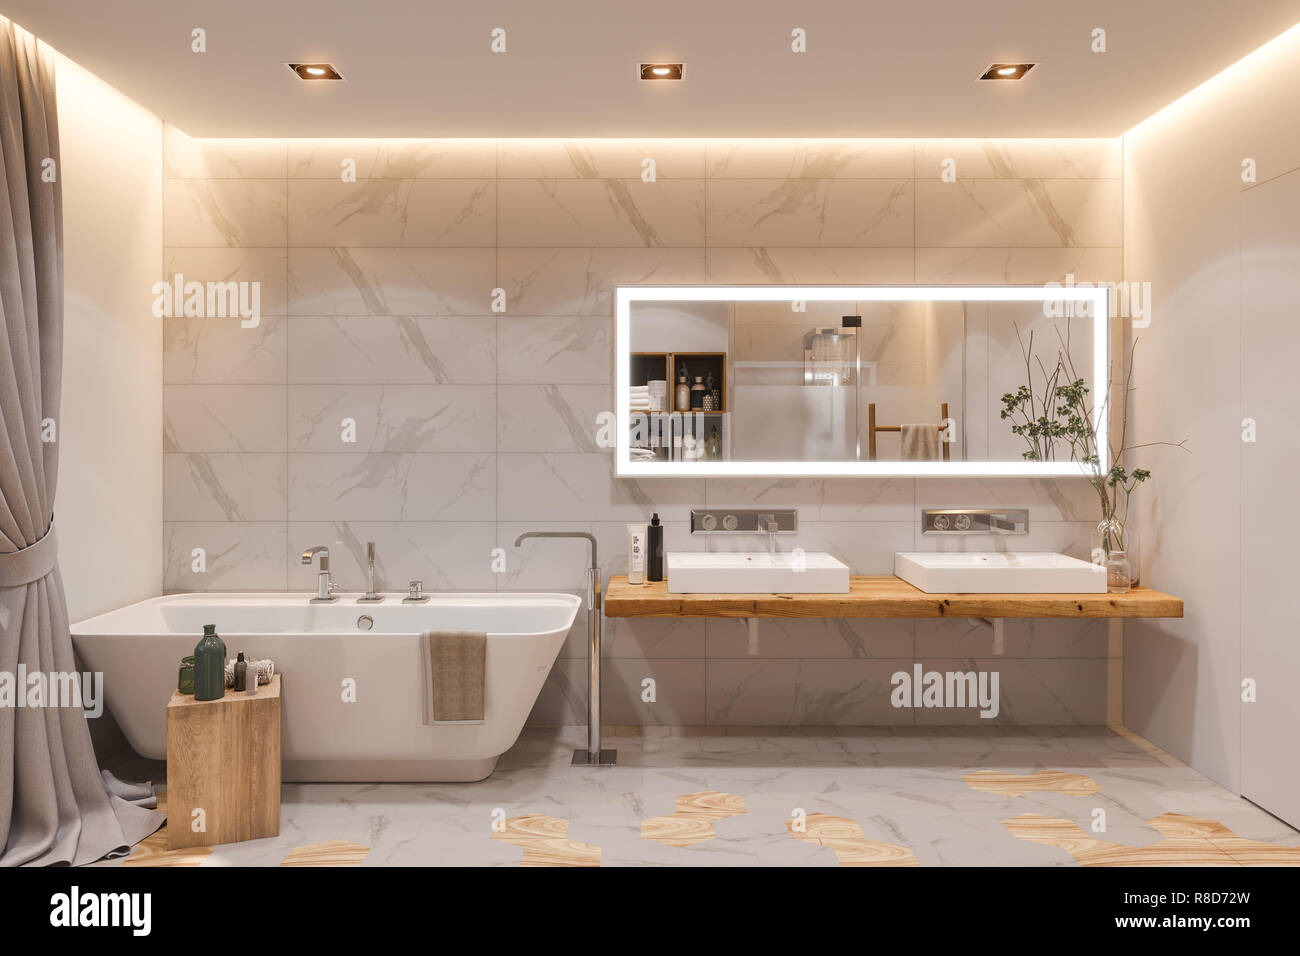 Die Gestaltung des Innenraums ein Badezimmer, 3D-Darstellung. Der ...